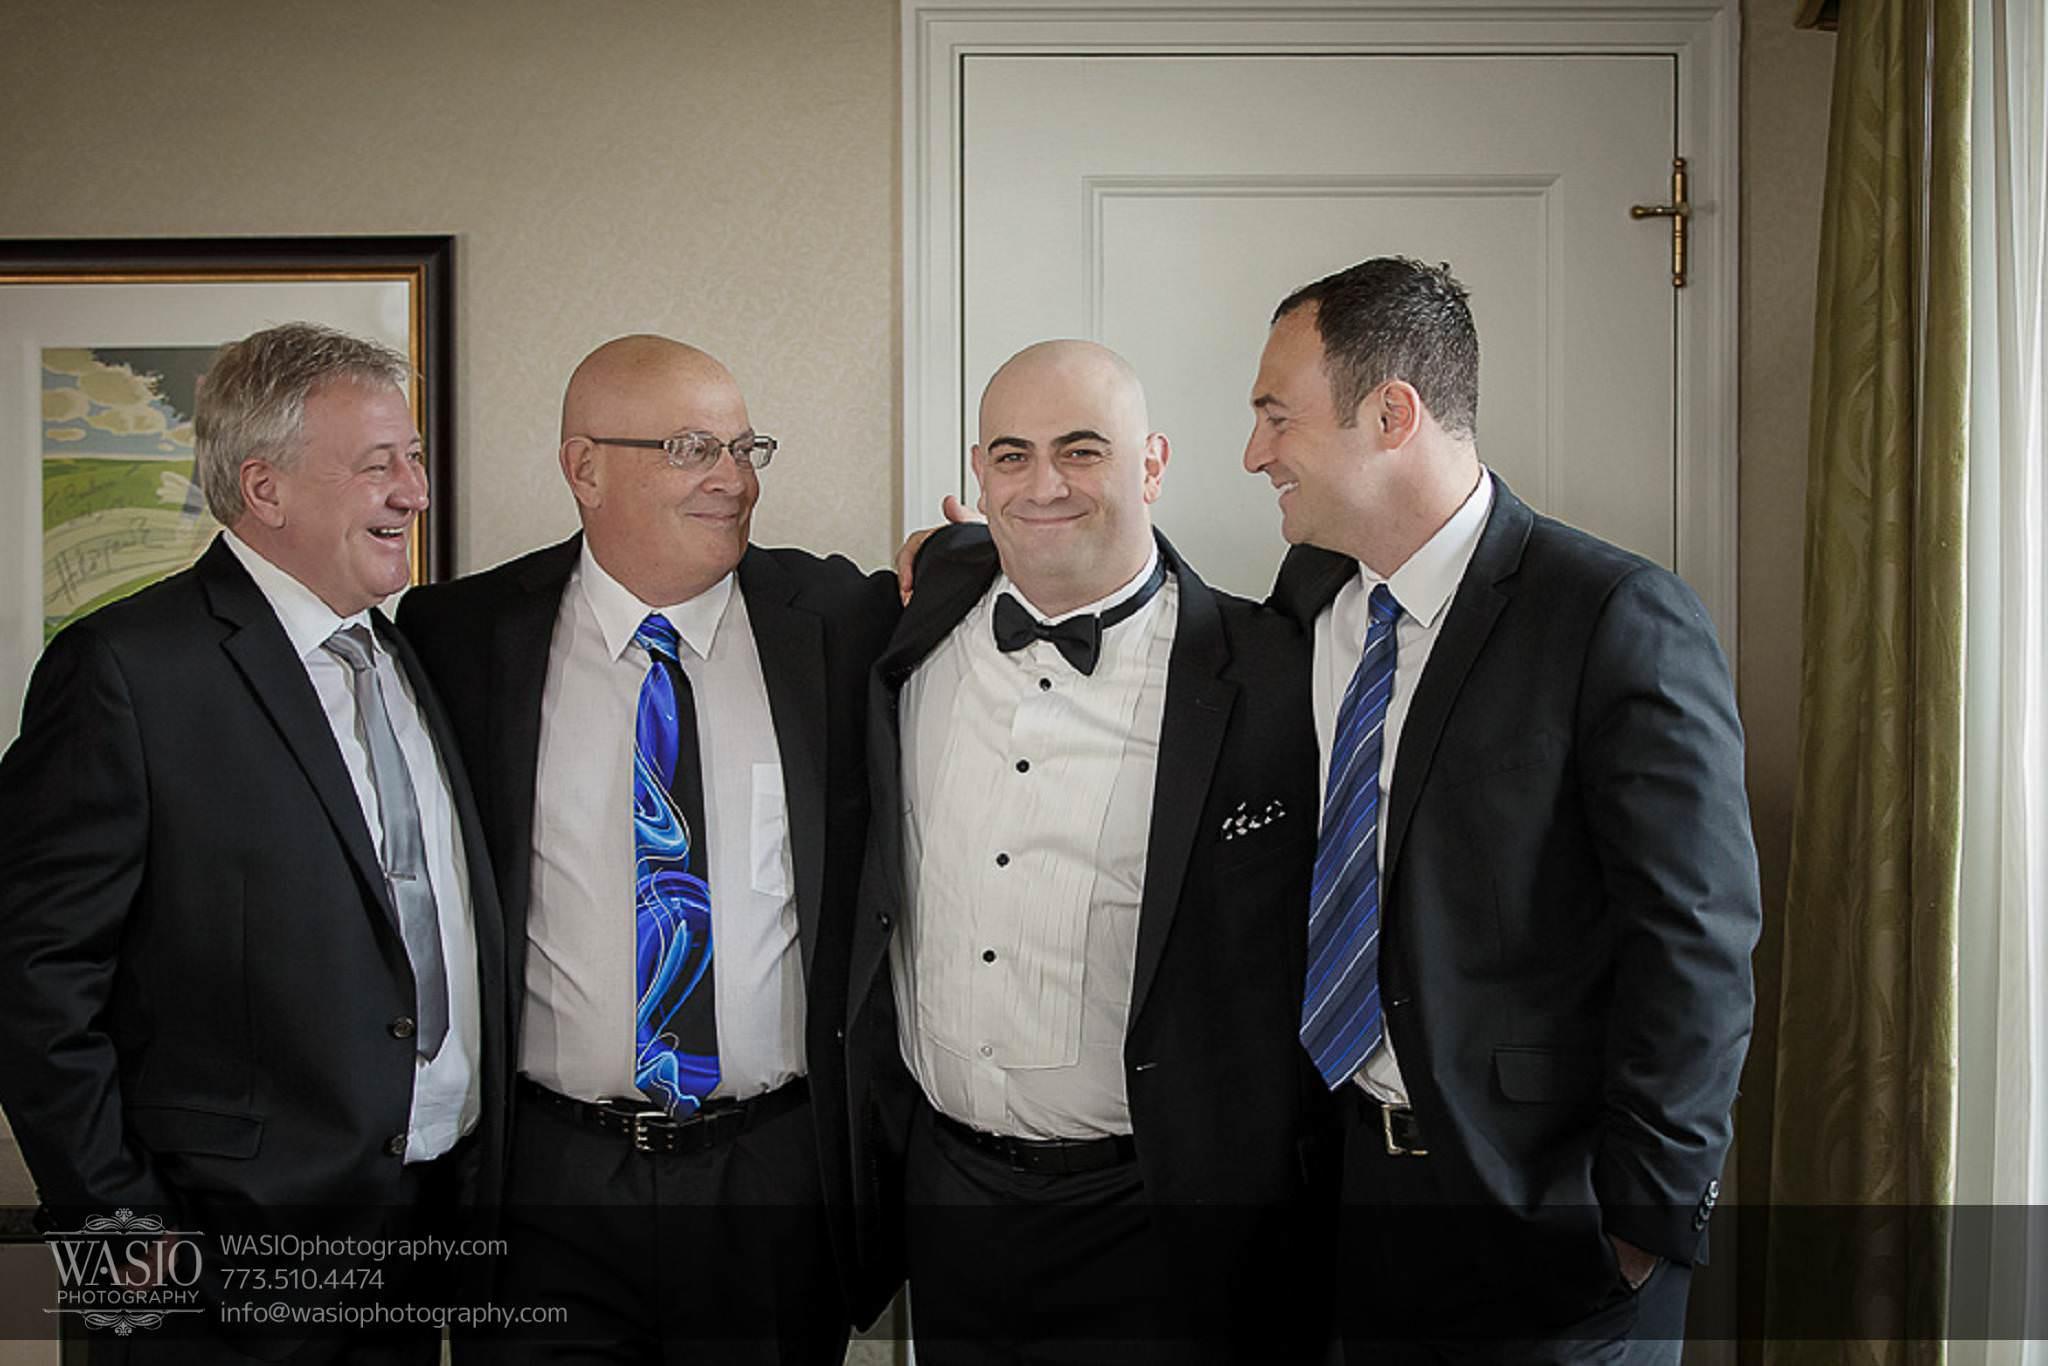 Chicago-wedding-photos-groomsmen-palmer-house-preparation-041 Chicago Wedding Photos - Svetlana + Yuriy